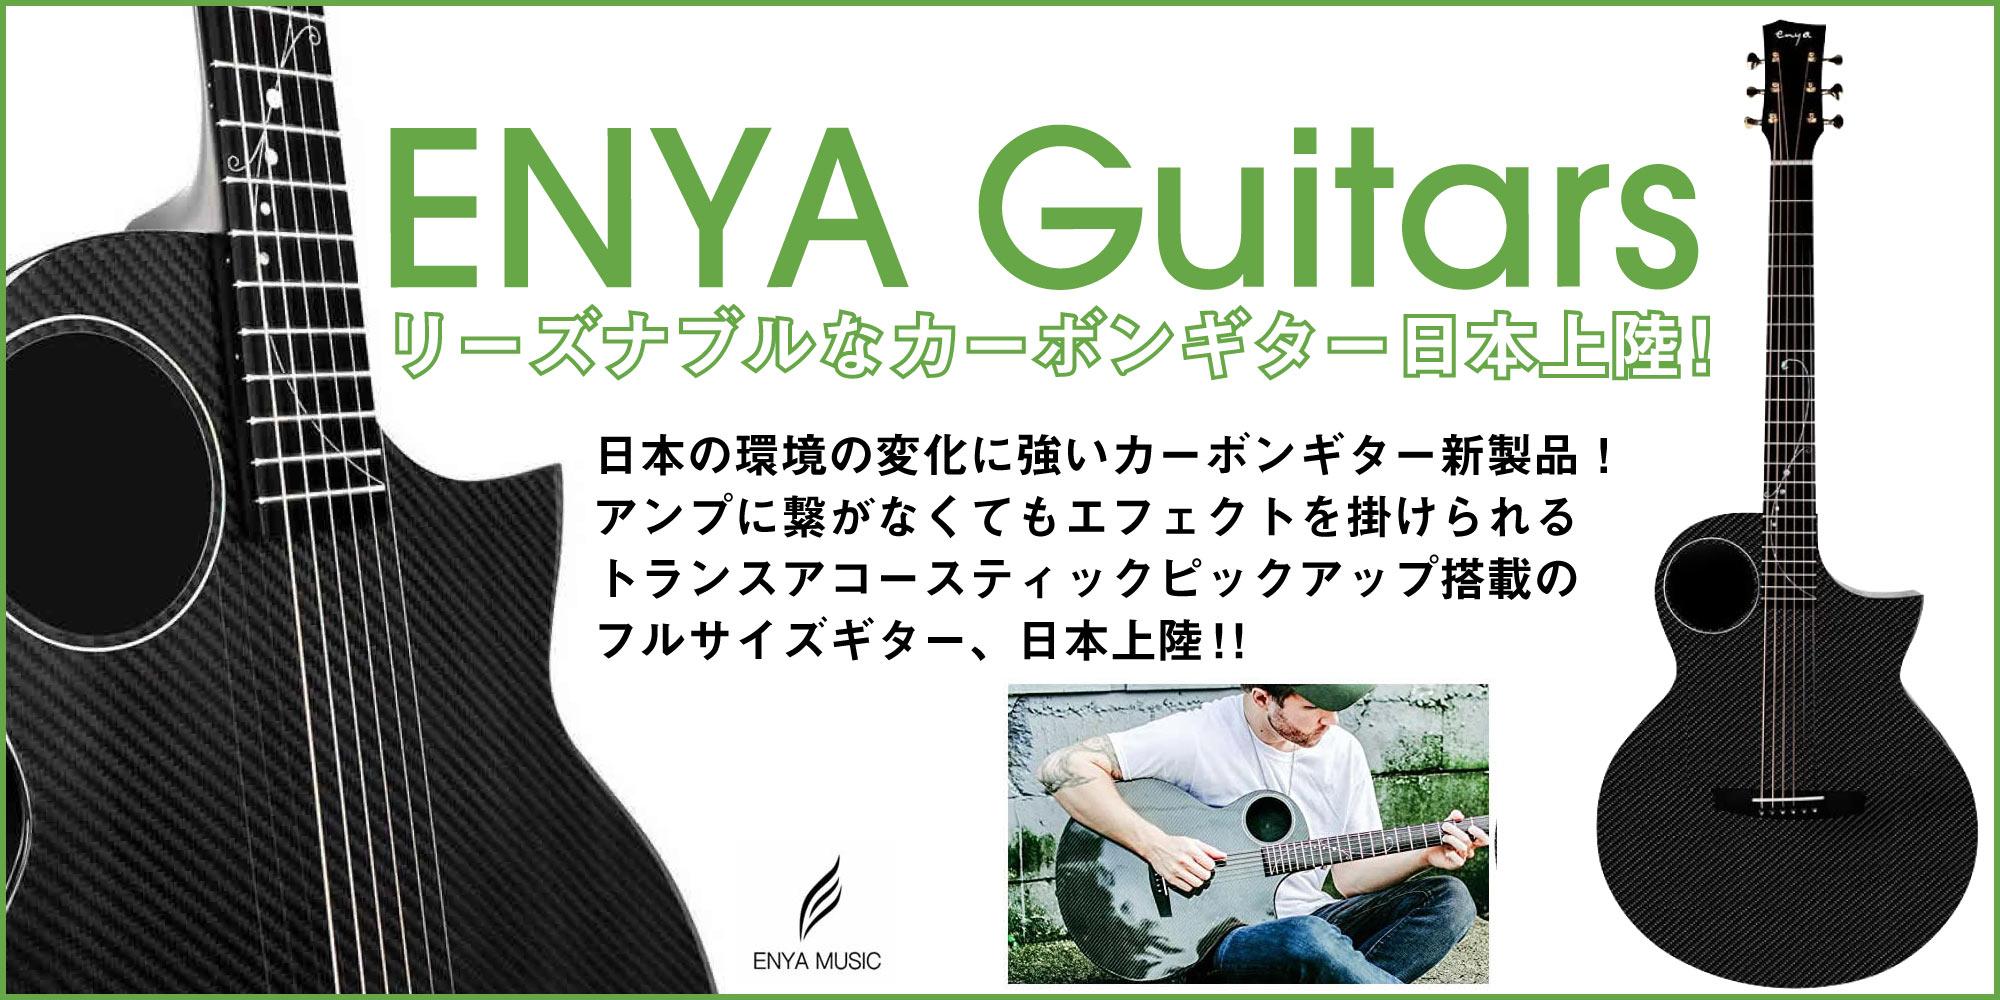 【リーズナブルなカーボンギター「ENYA Guitars」日本上陸!!】